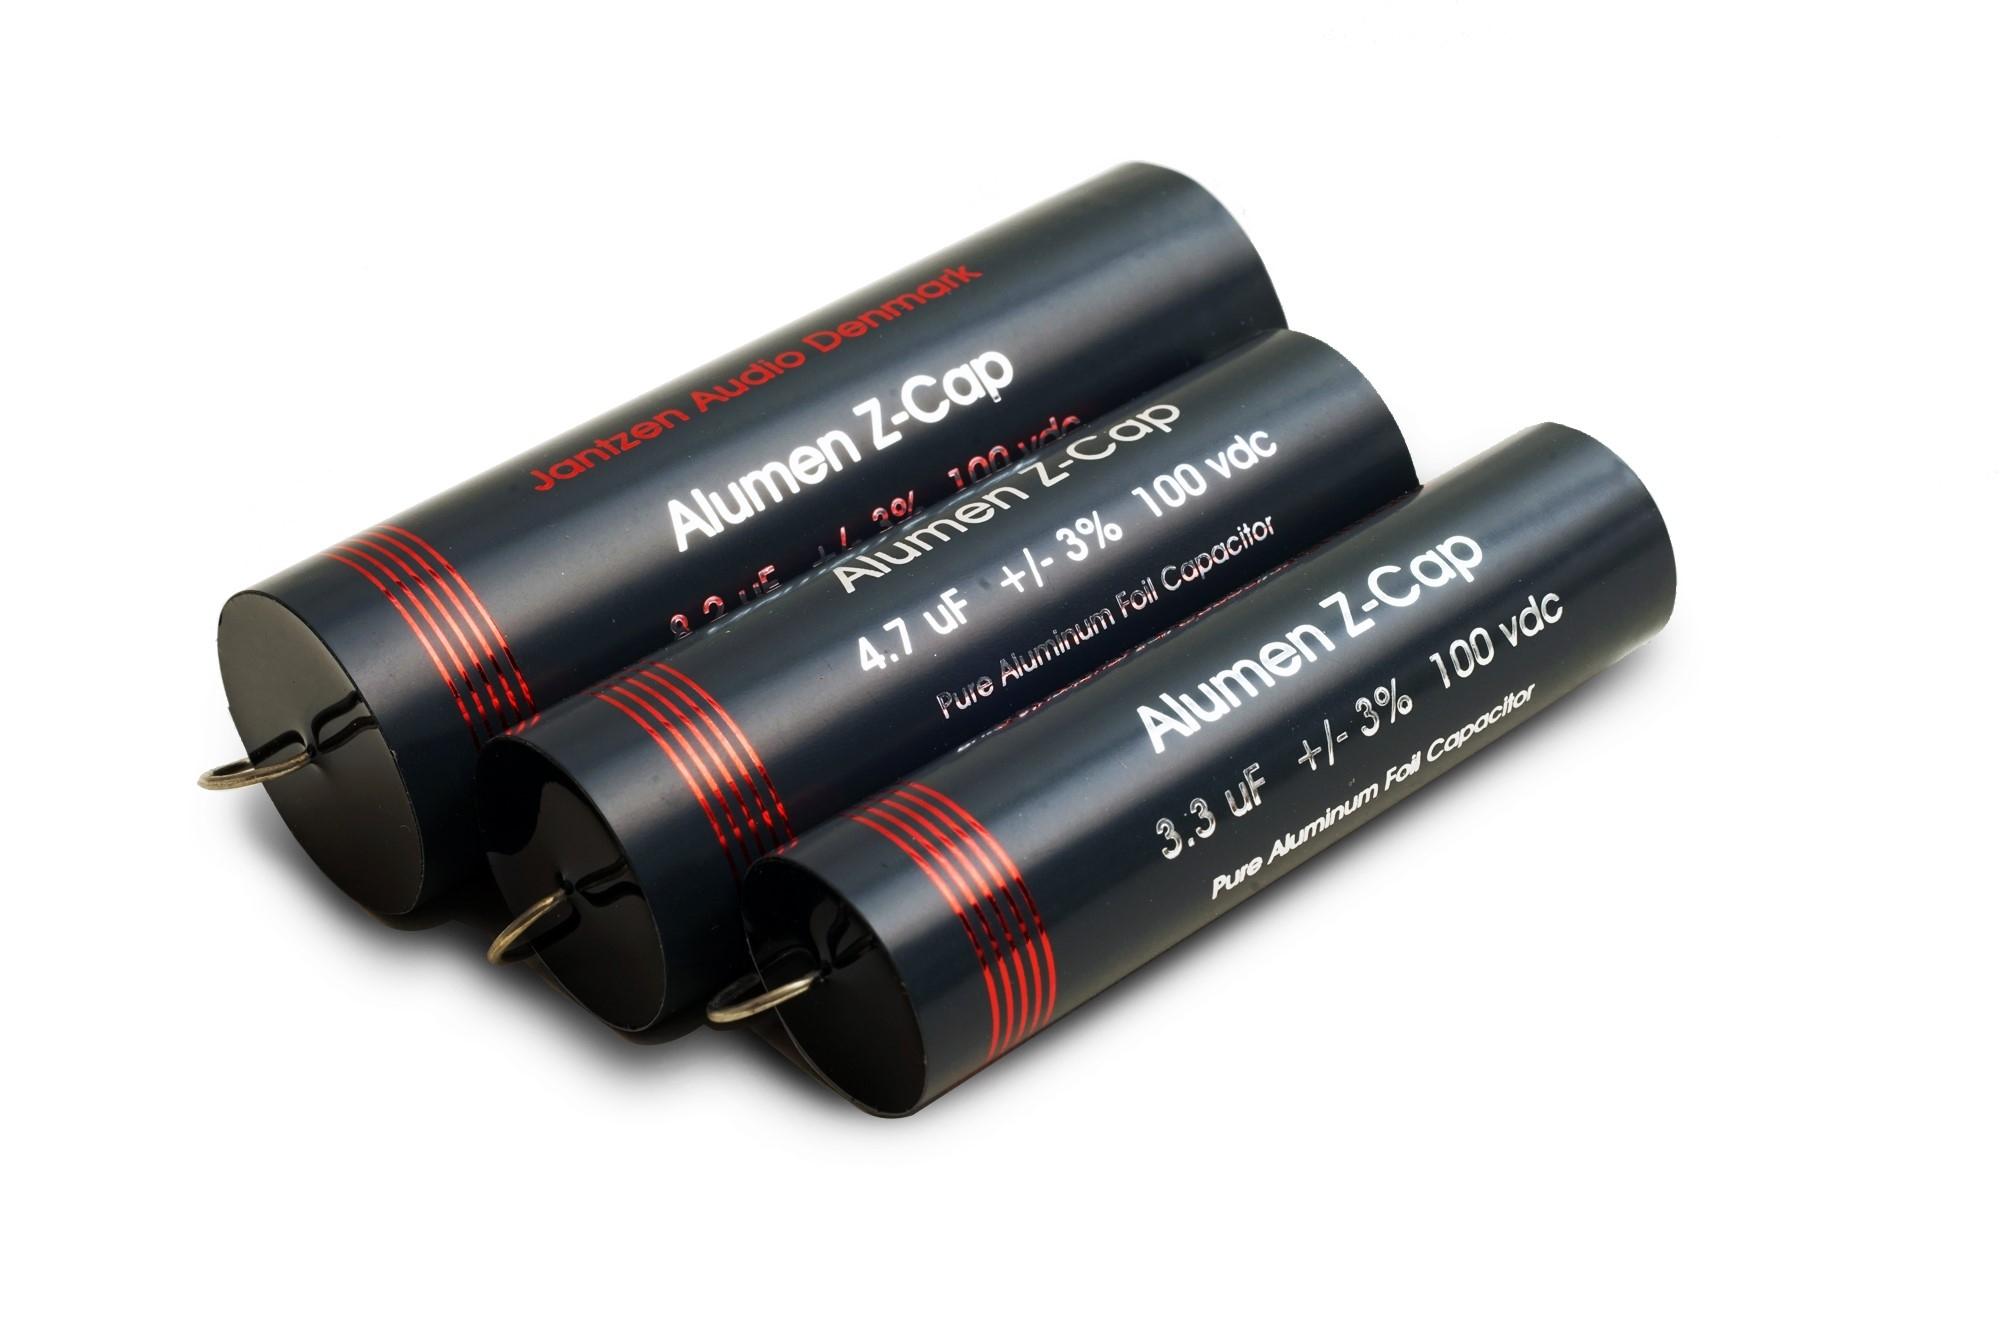 1,5 uF Alumen Z-cap kondensator Jantzen Audio thumbnail